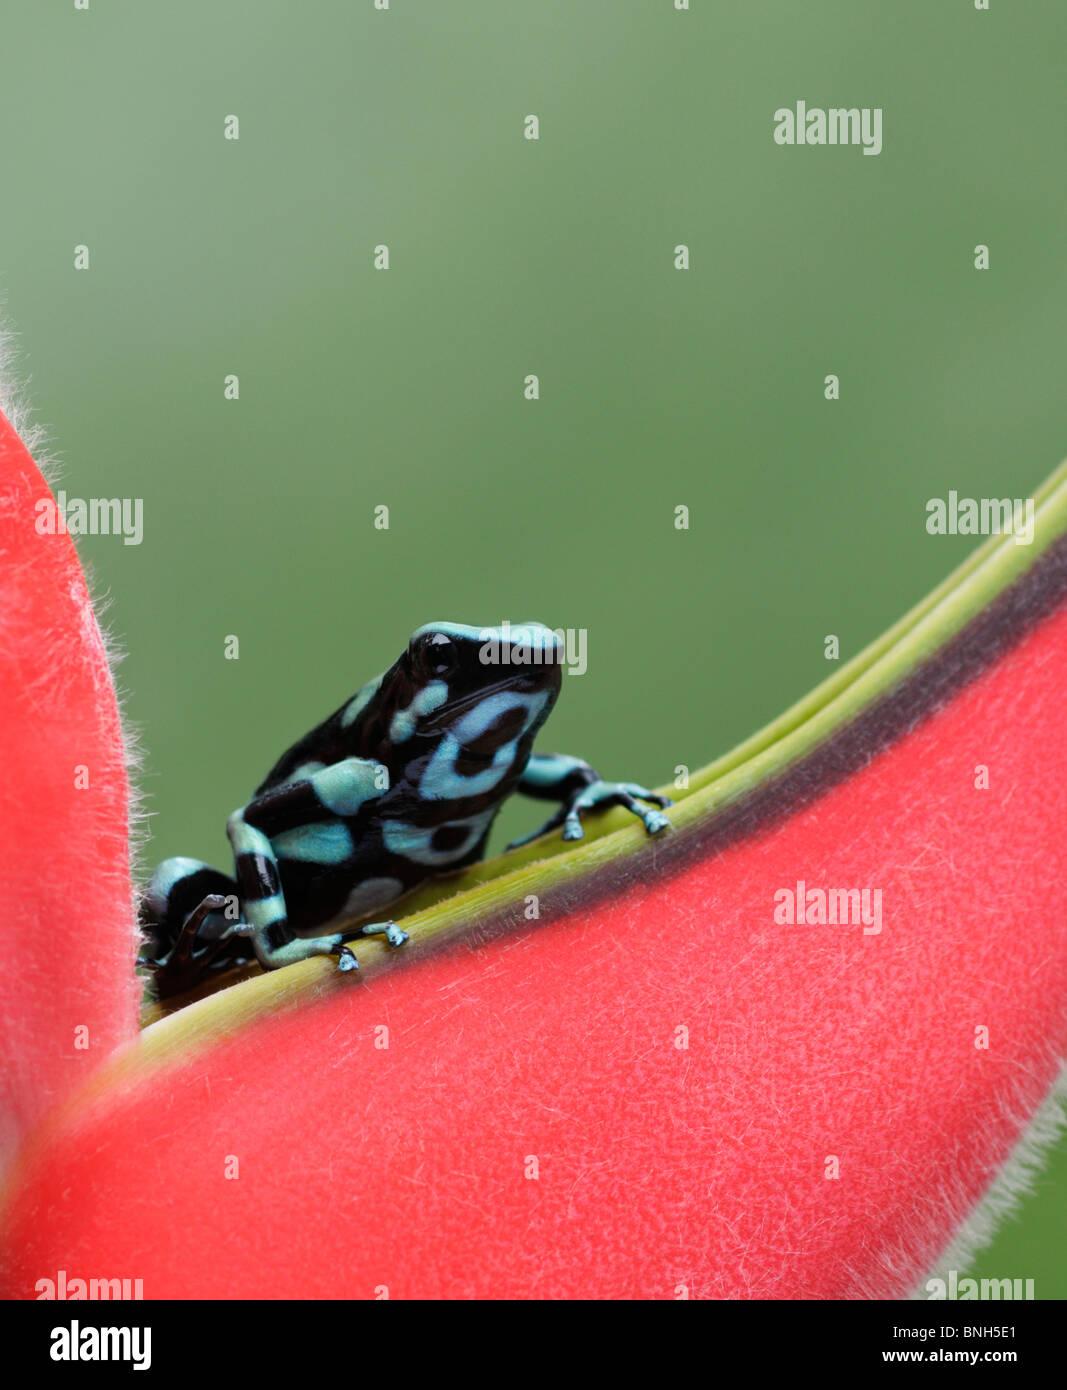 Verde y negro poison dart frog, Dendrobates auratus, Selva Verde, Costa Rica Imagen De Stock